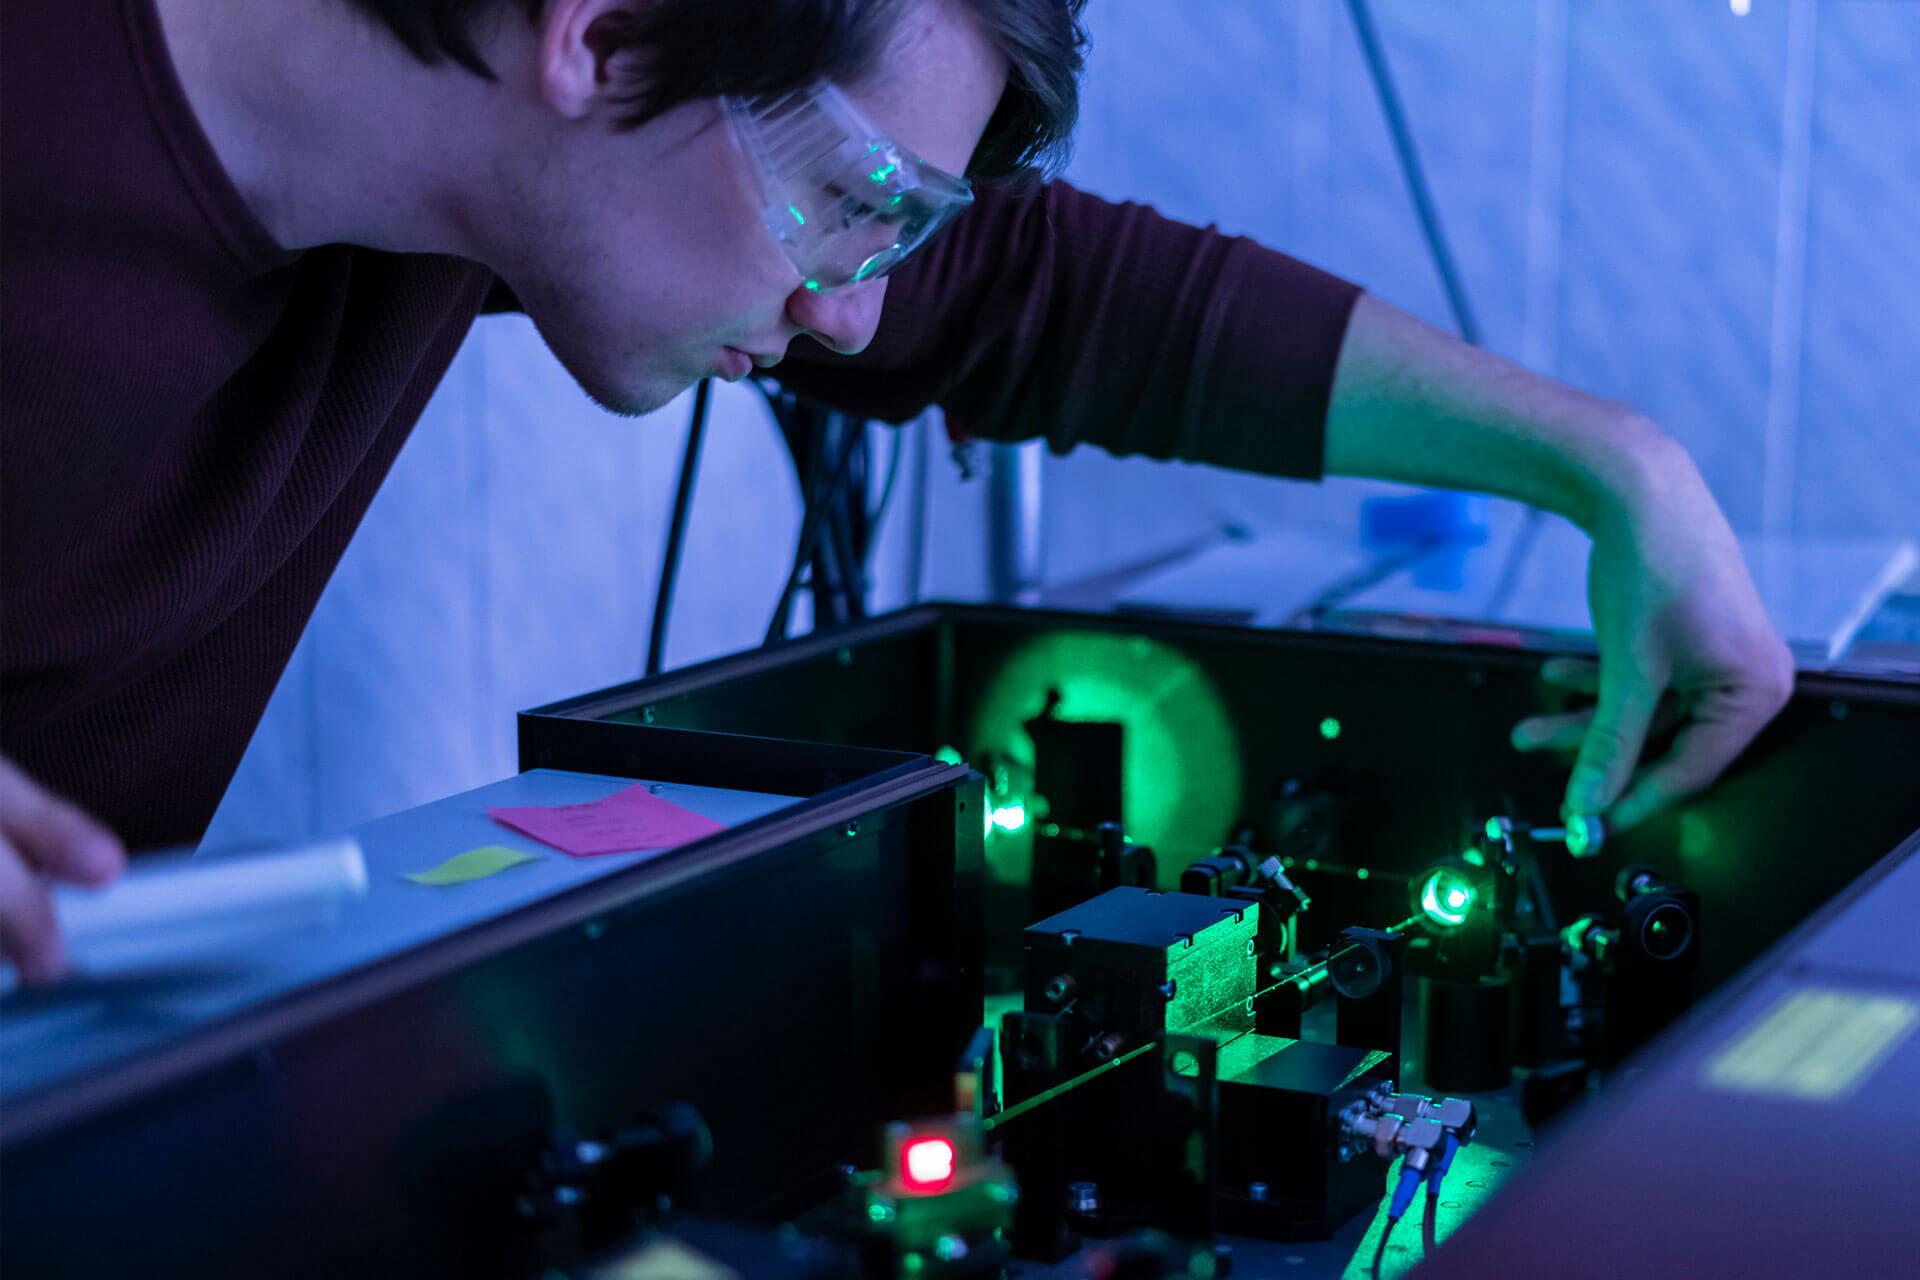 bbva-cuantica-computación-innovación-ordenador